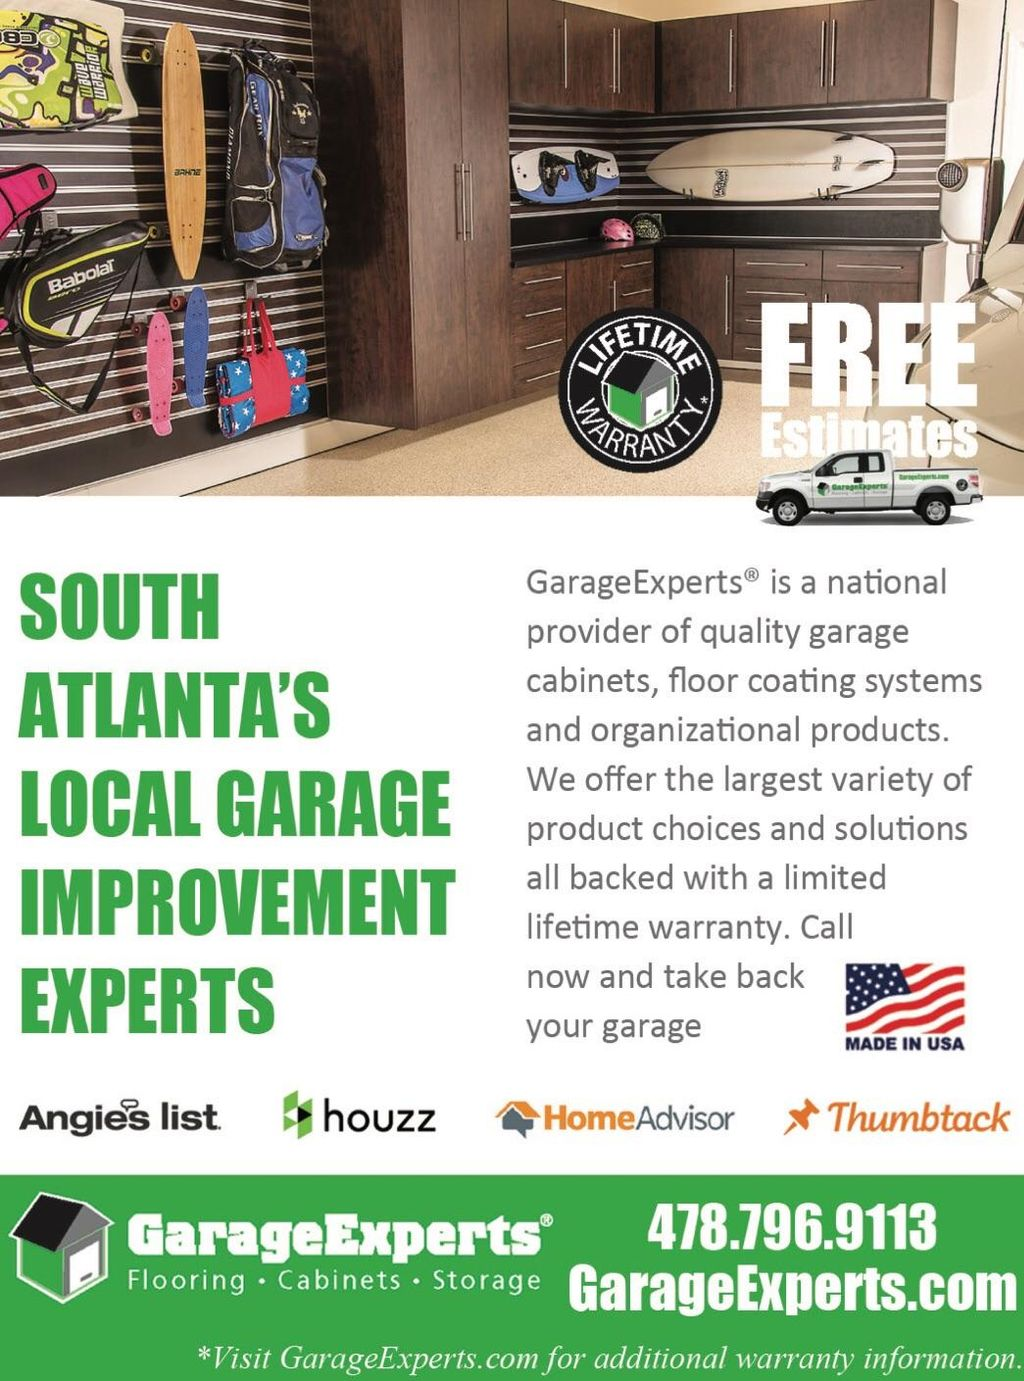 Garage Experts of South Atlanta